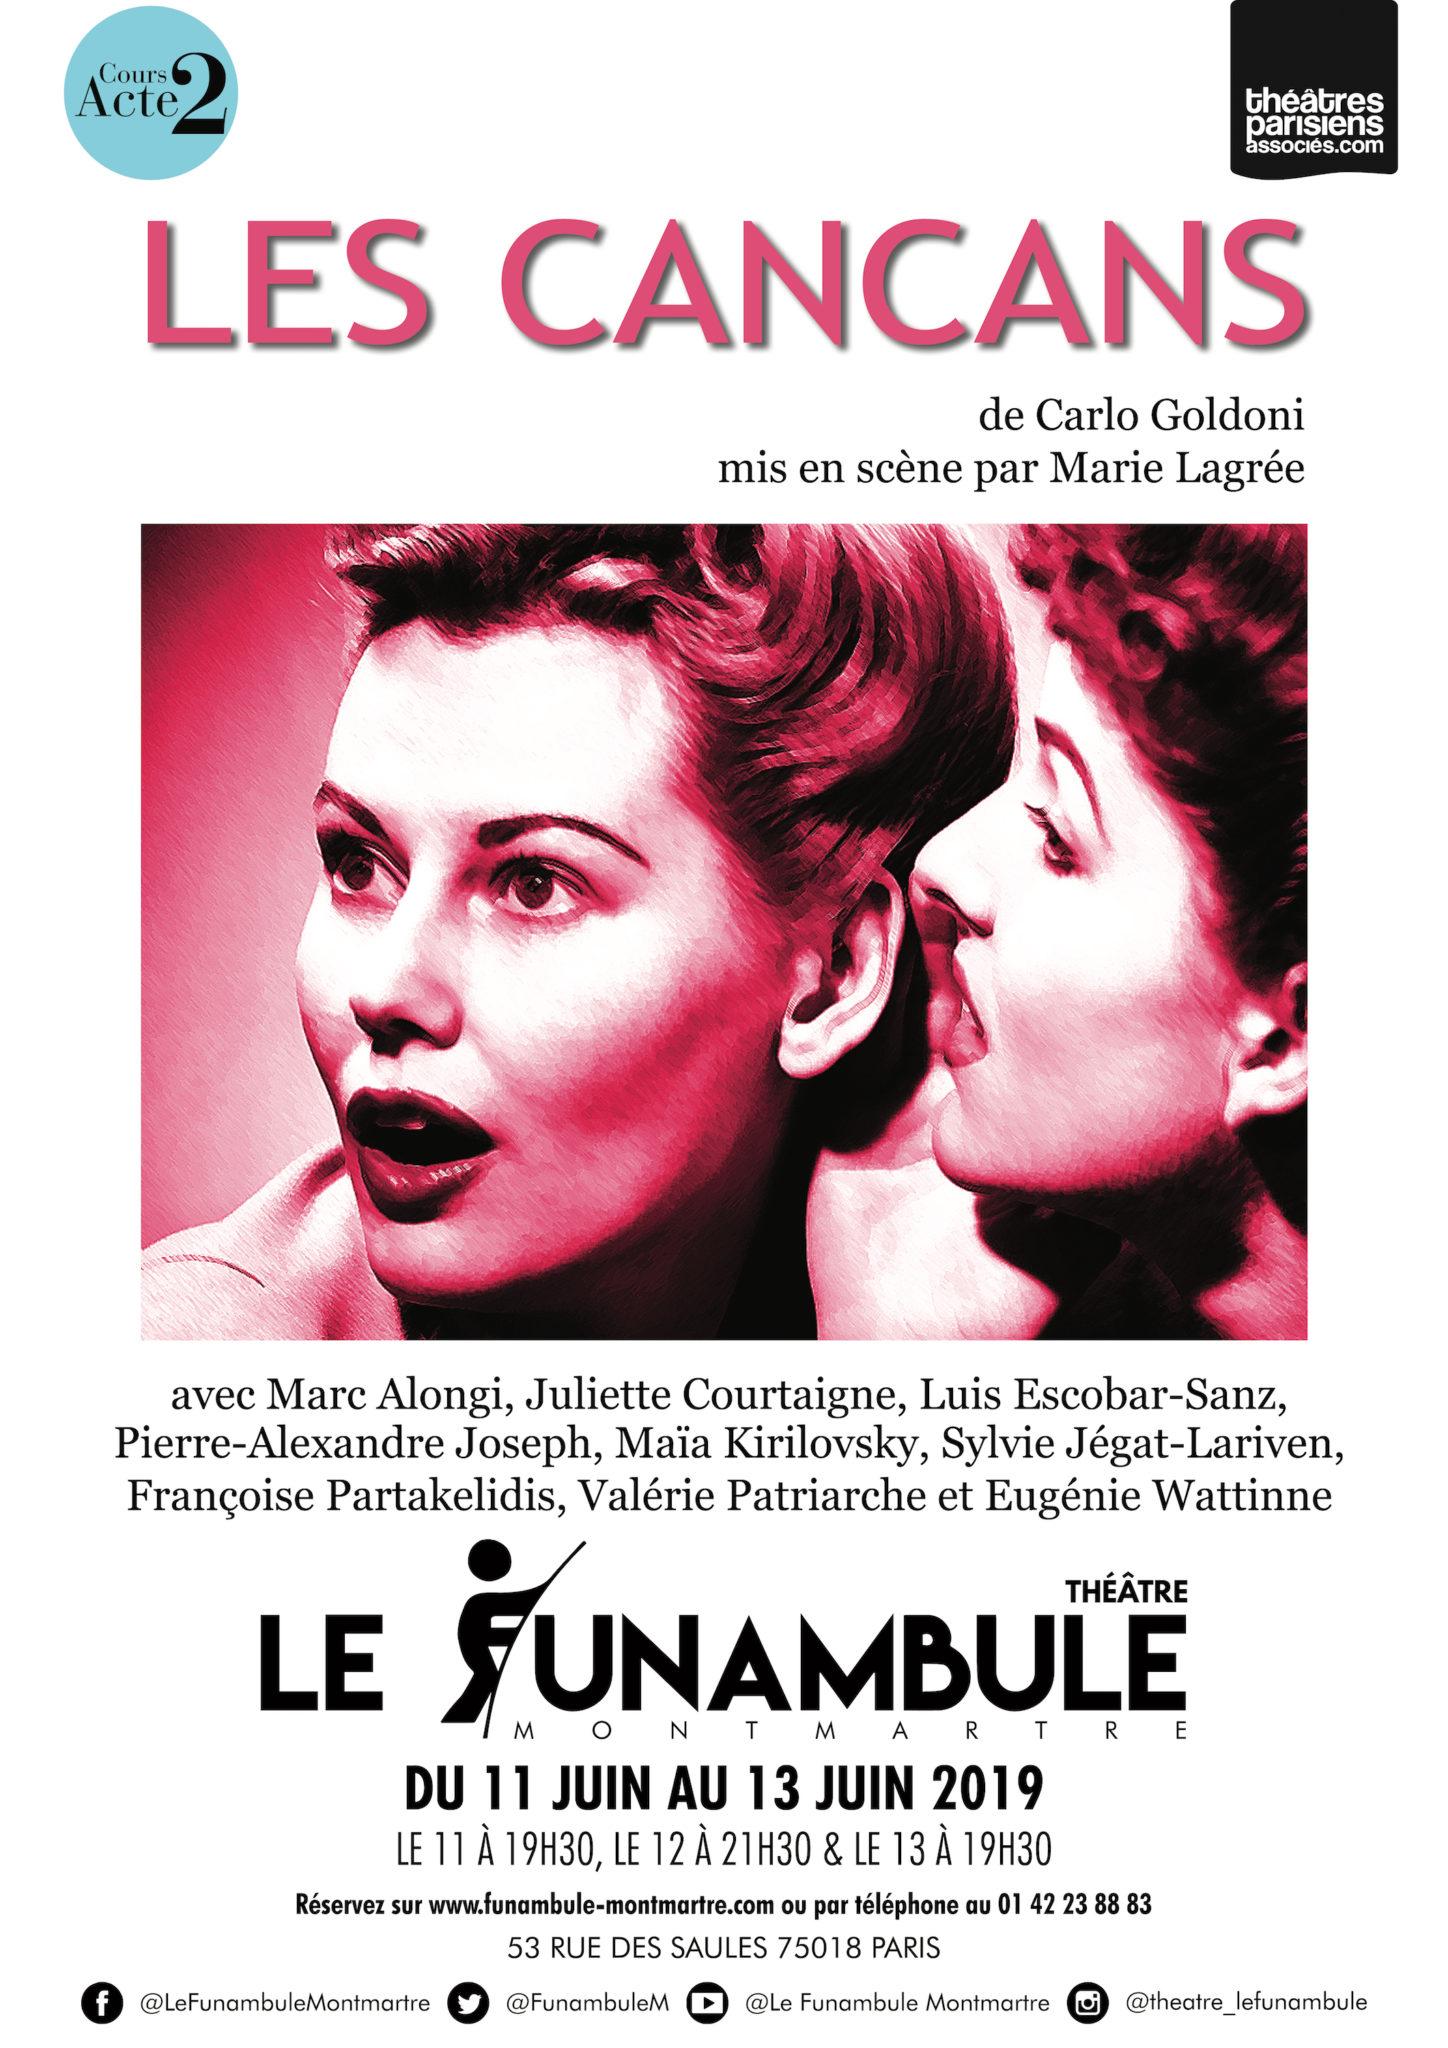 Affiche funambule_cancans pas lourds